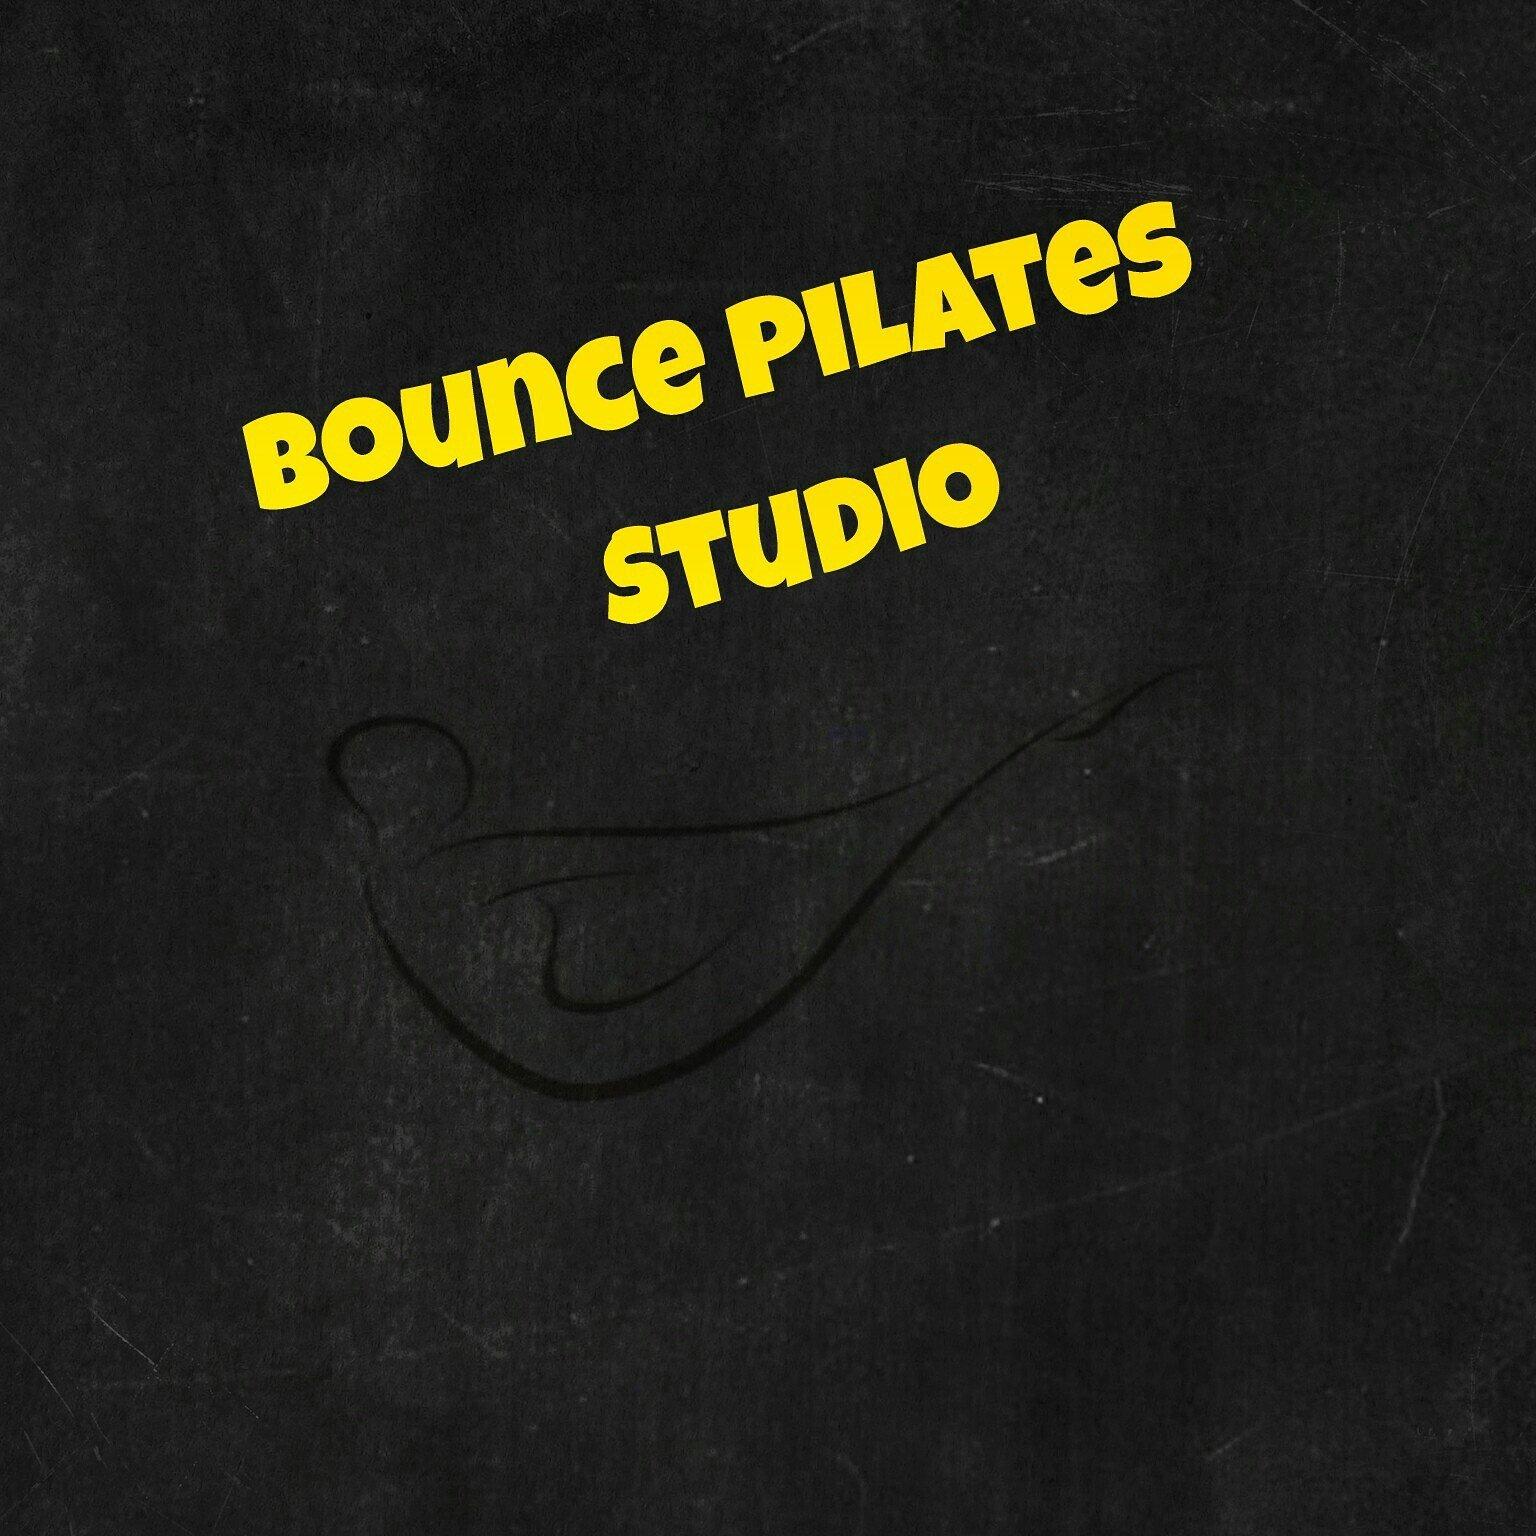 jaloissa lika halpaa myynti Yhdysvalloissa verkossa Bounce Pilates on Twitter: